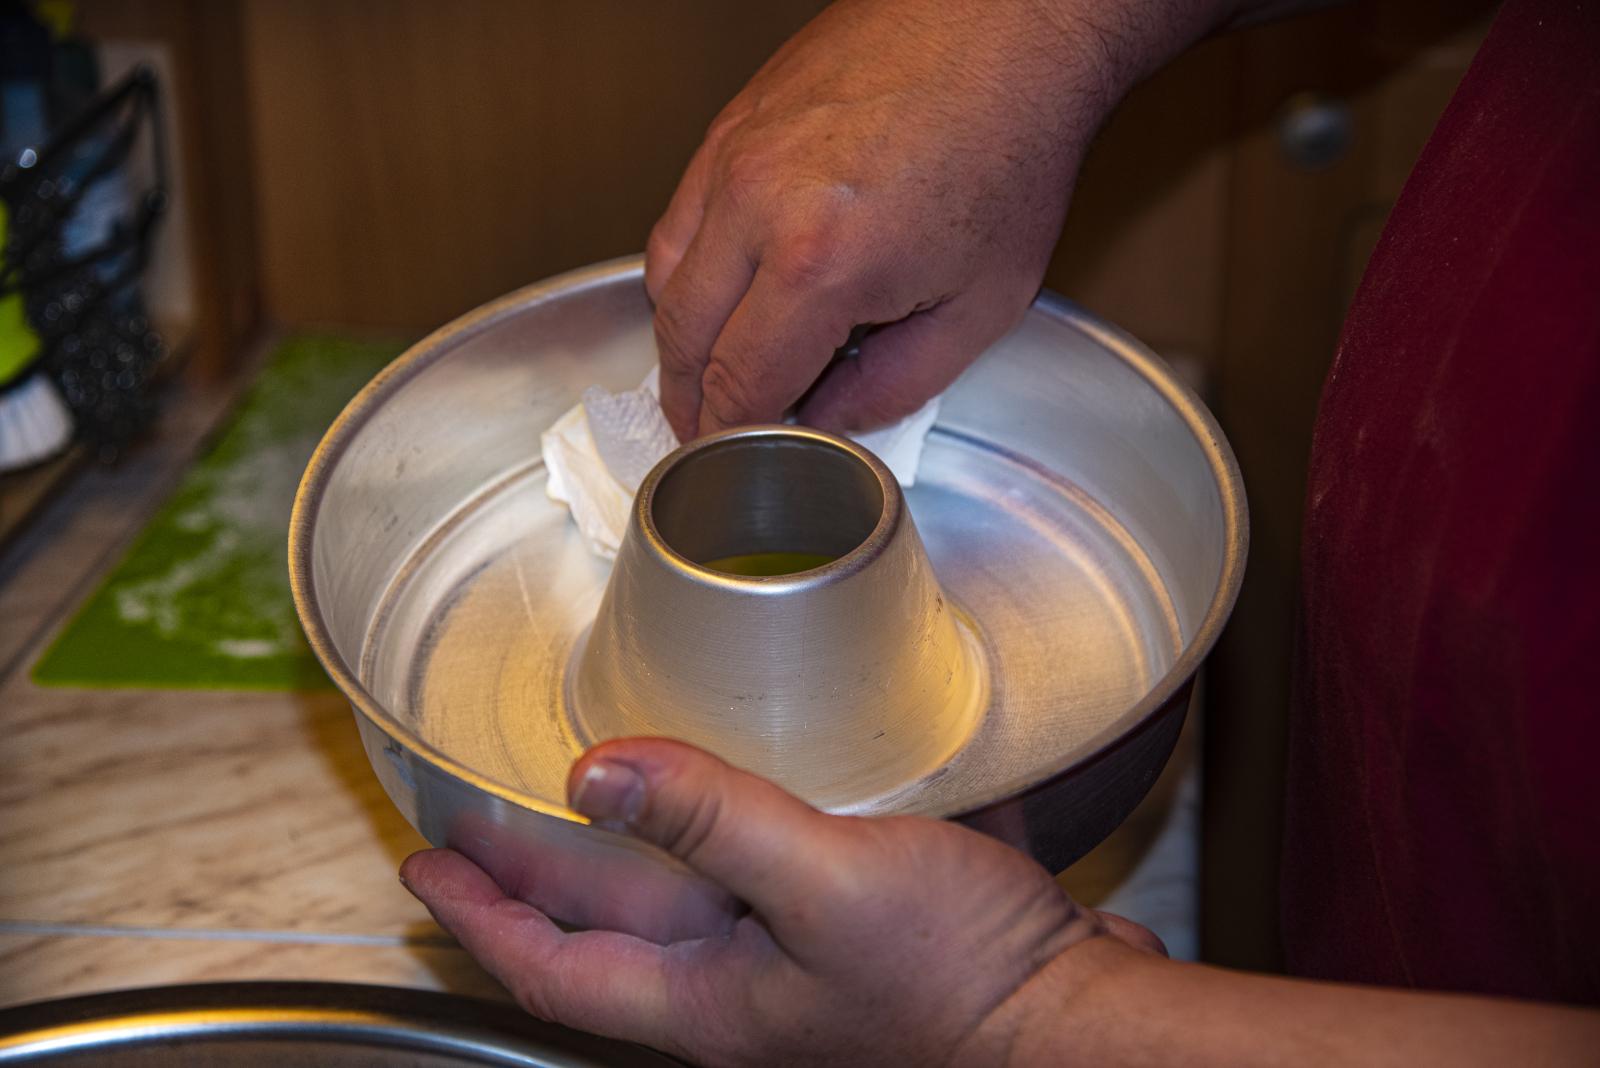 Rezepte für den Omnia Camping-Backofen - Vor dem Backen muss die Backform eingefettet werden. Der Hersteller rät außerdem dazu, sie zusätzlich mit Semmelbröseln auszustreuen.